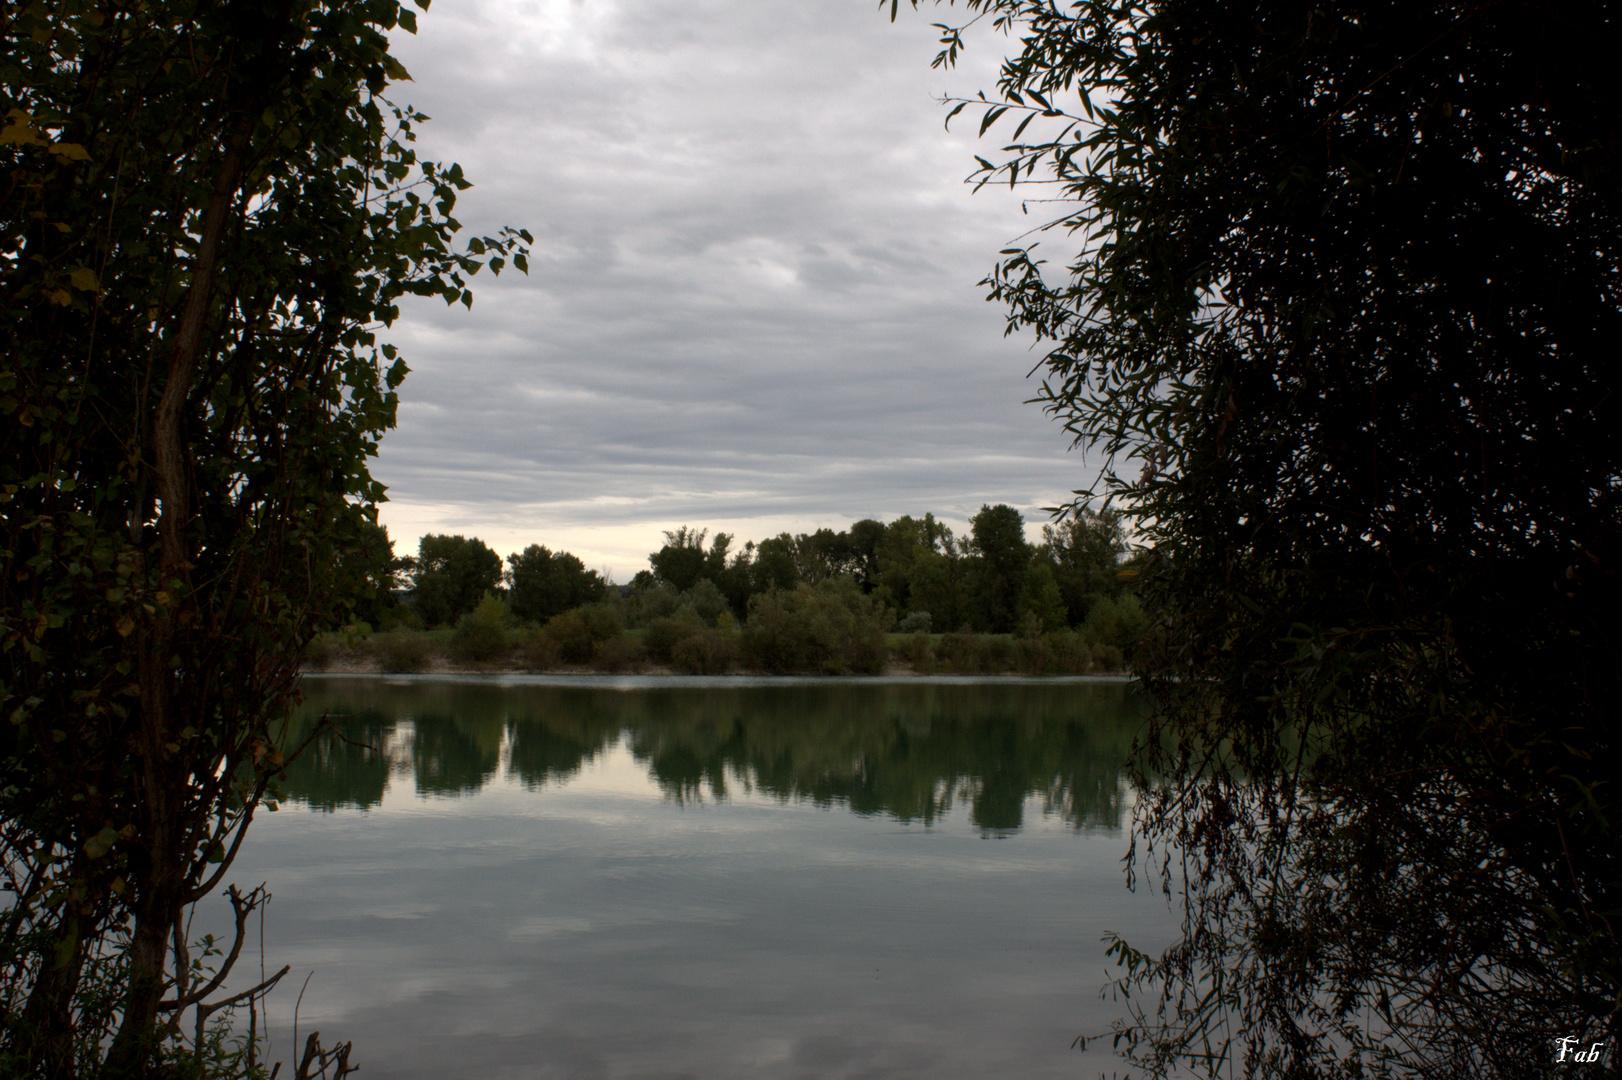 Entre les arbres, le lac